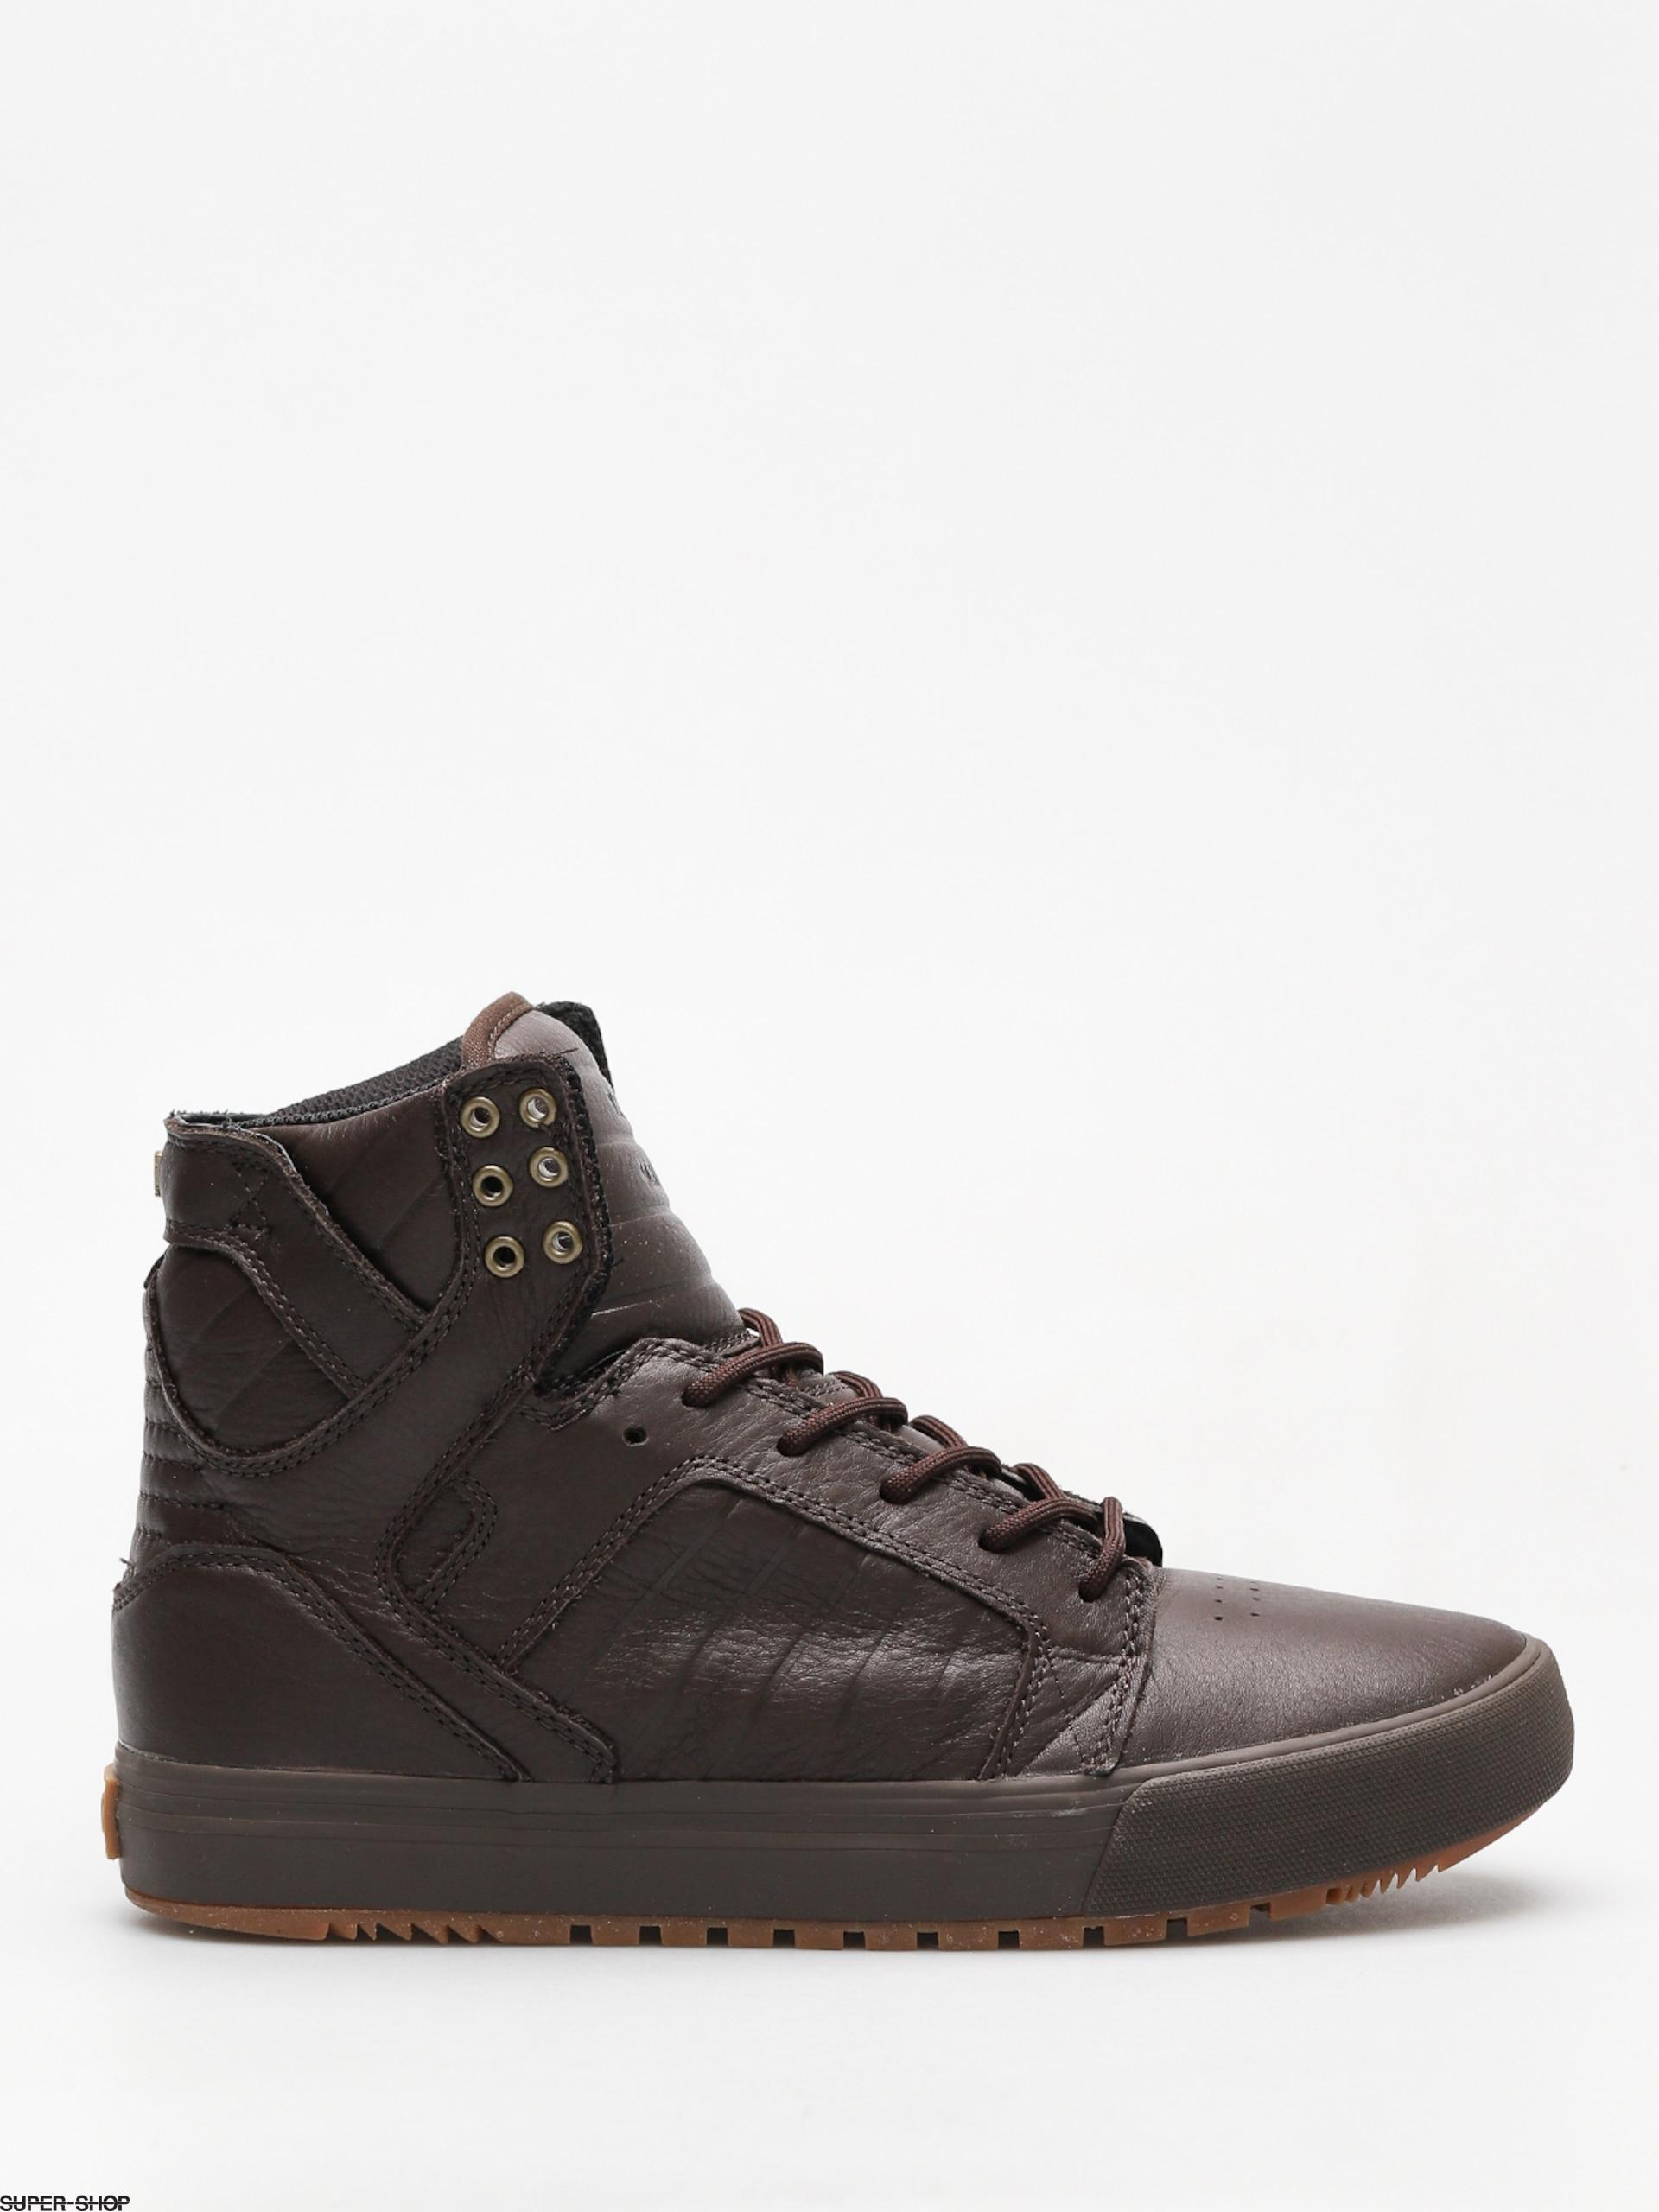 Supra Shoes Skytop Cw (demitasse